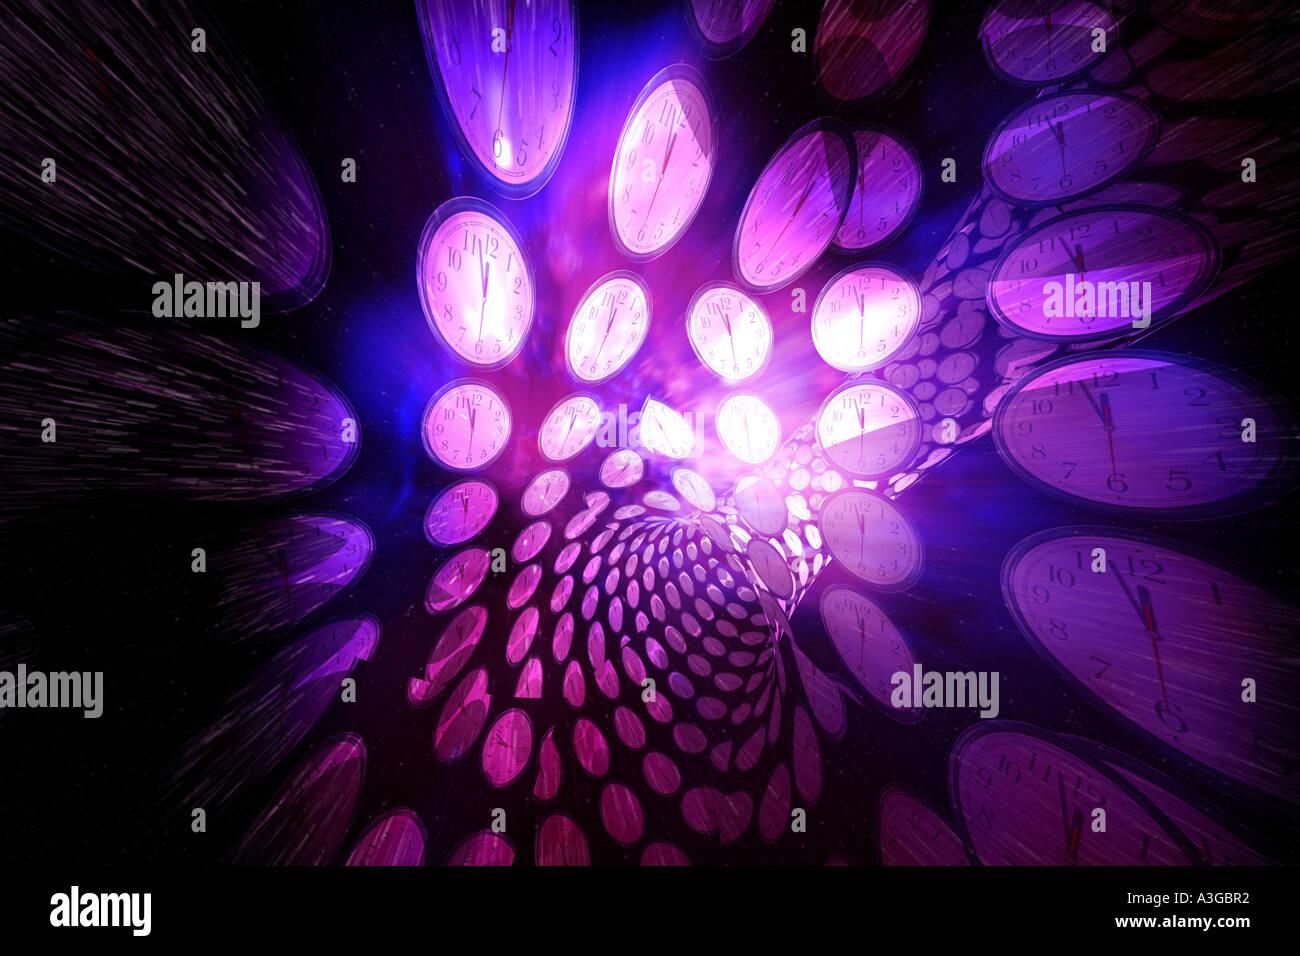 La cuarta dimensión Foto & Imagen De Stock: 6159537 - Alamy